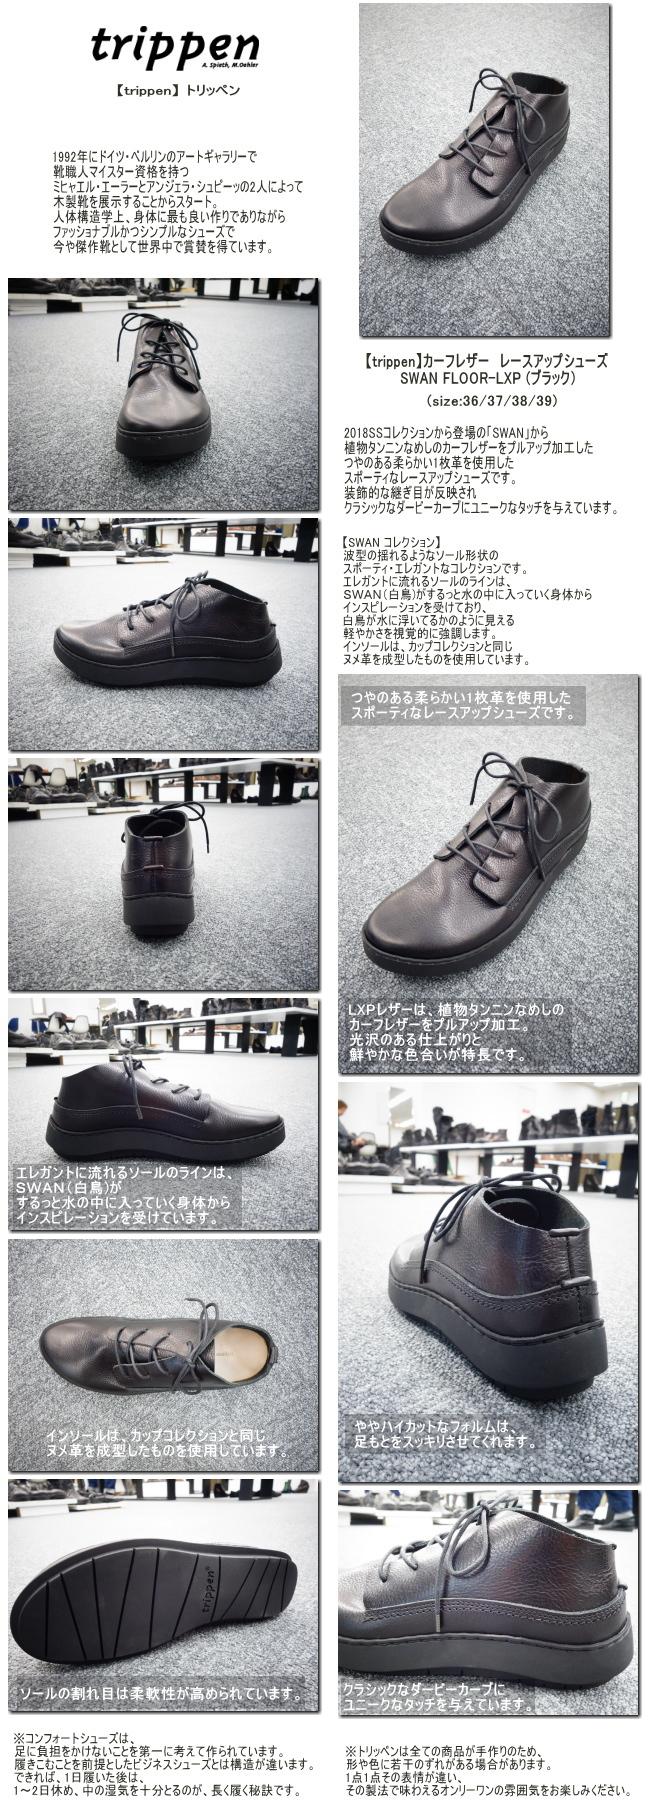 【trippen】カーフレザー レースアップシューズ SWAN FLOOR-LXP (ブラック)